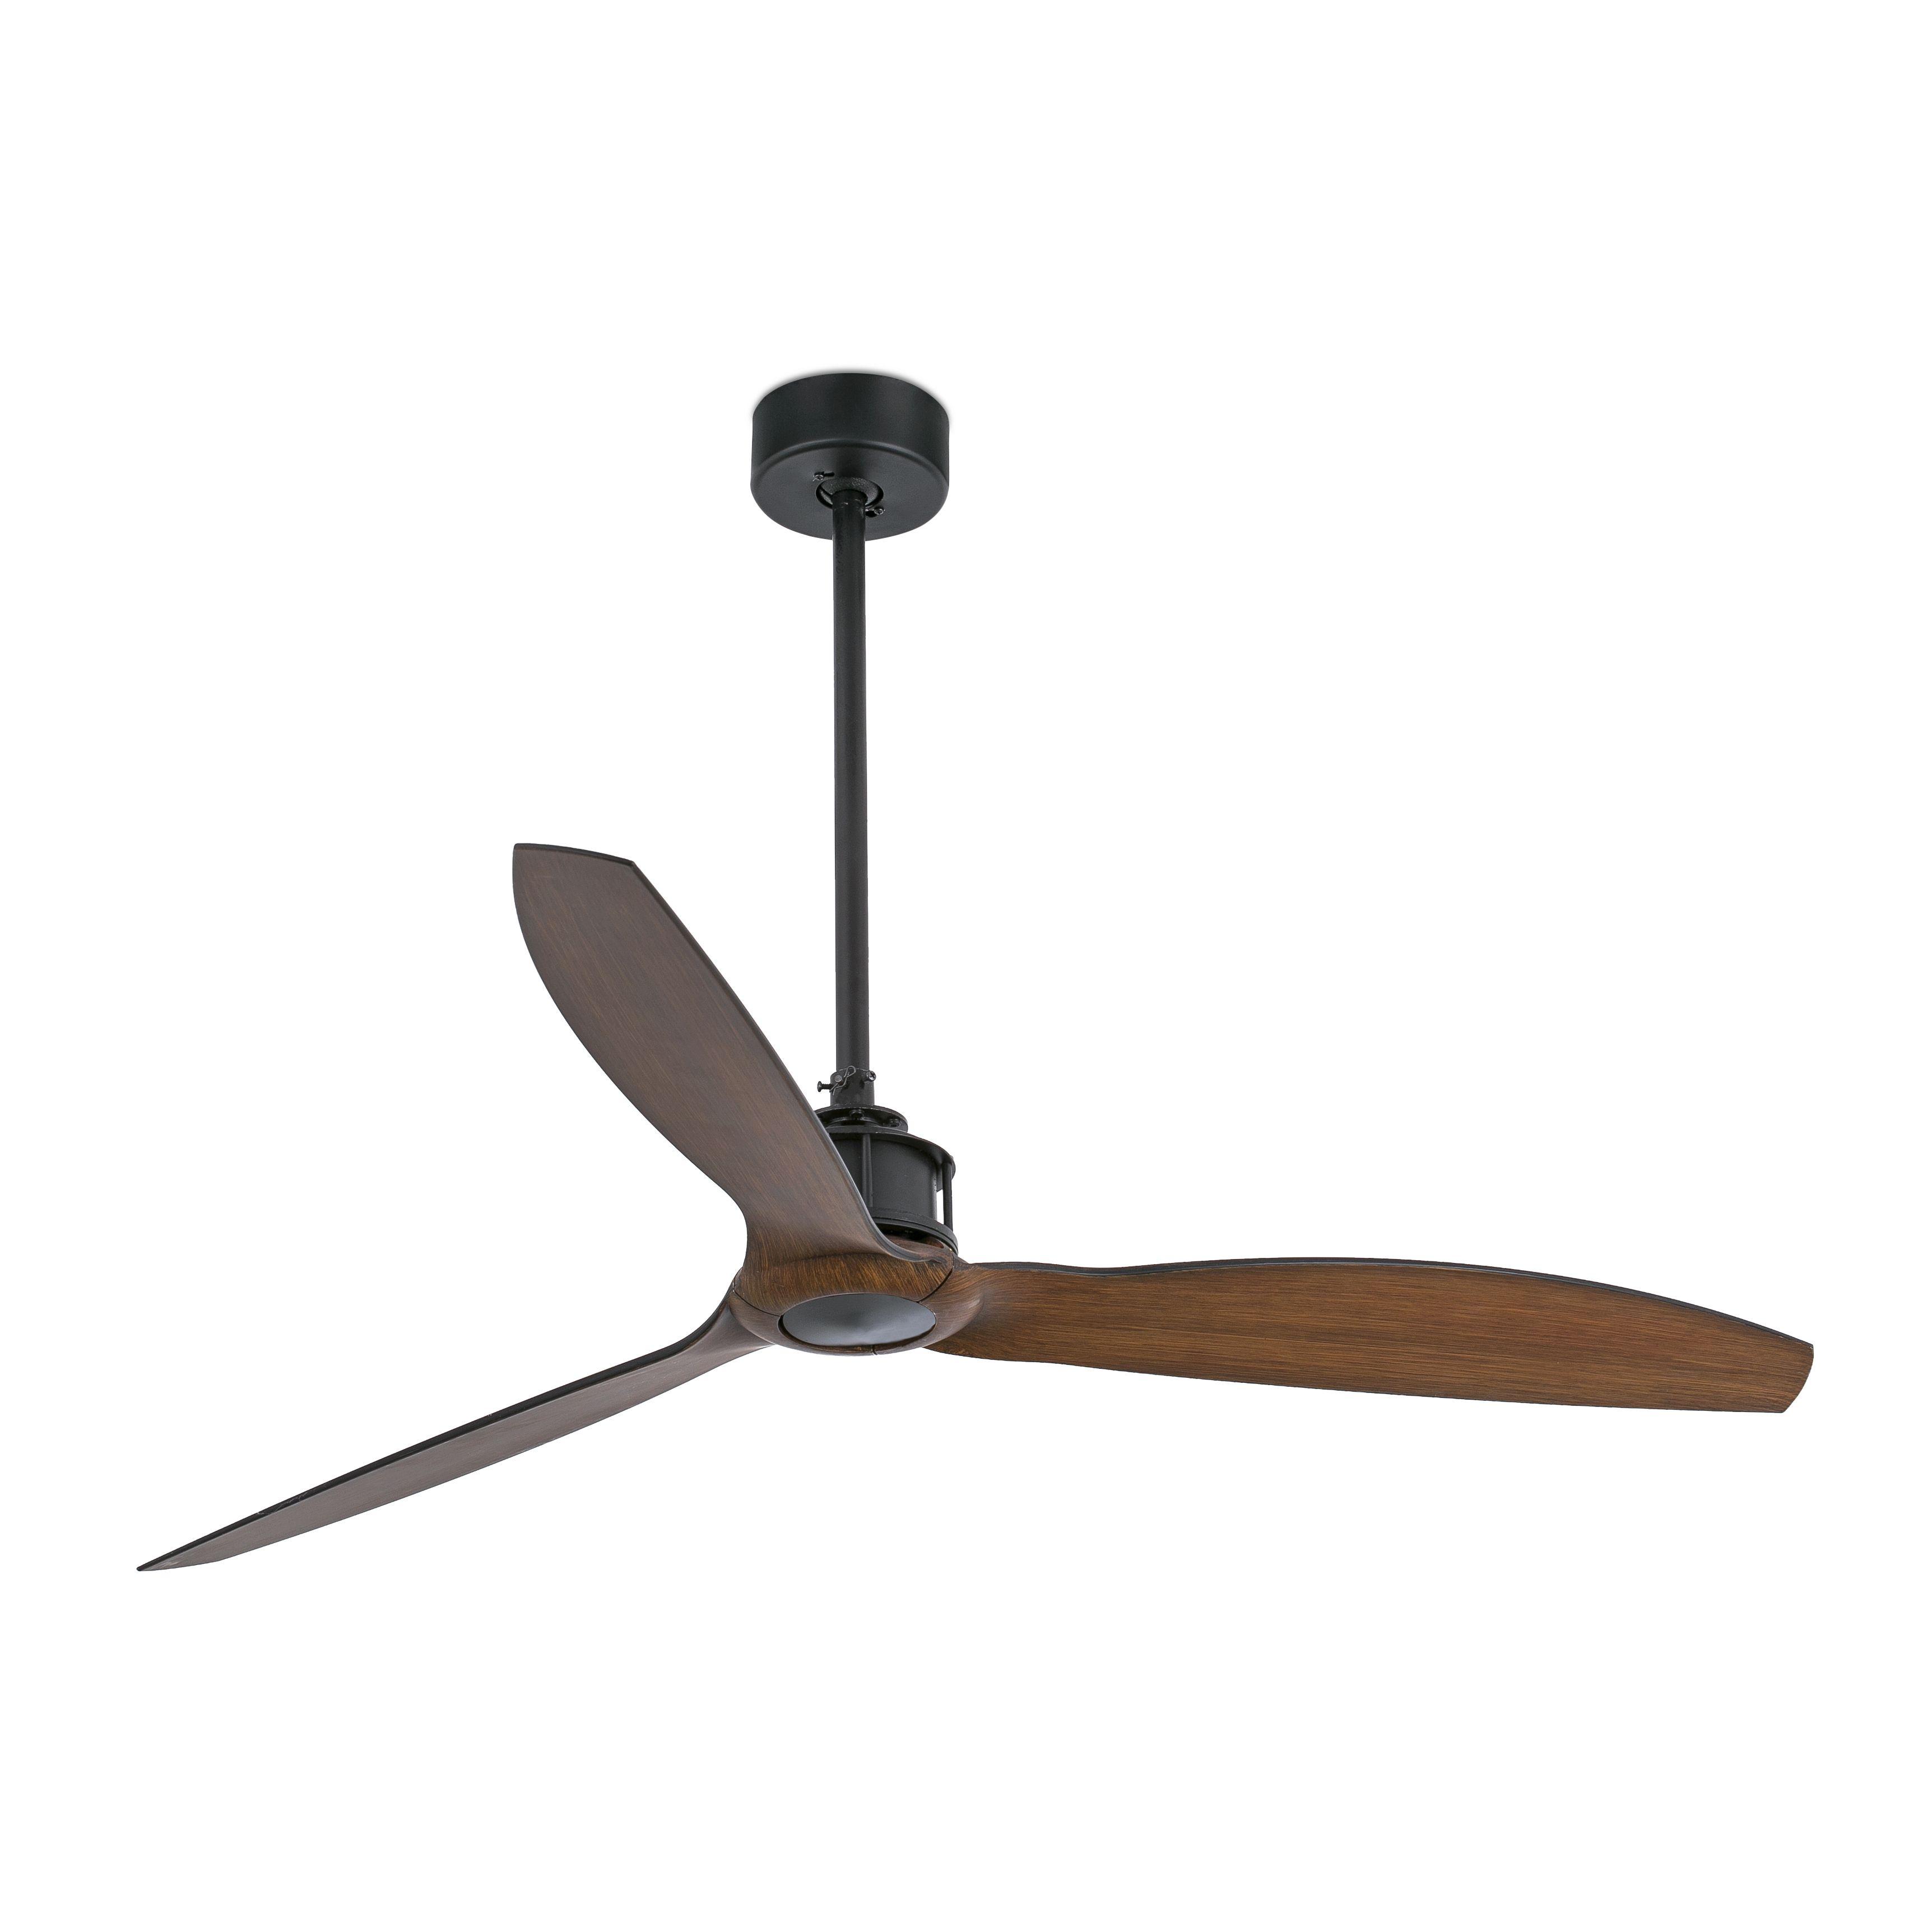 Just Fan Ventilateur De Plafond Noir Bois Avec Moteur Dc Ventilateur Plafond Ventilateur Plafond Design Ventilateur